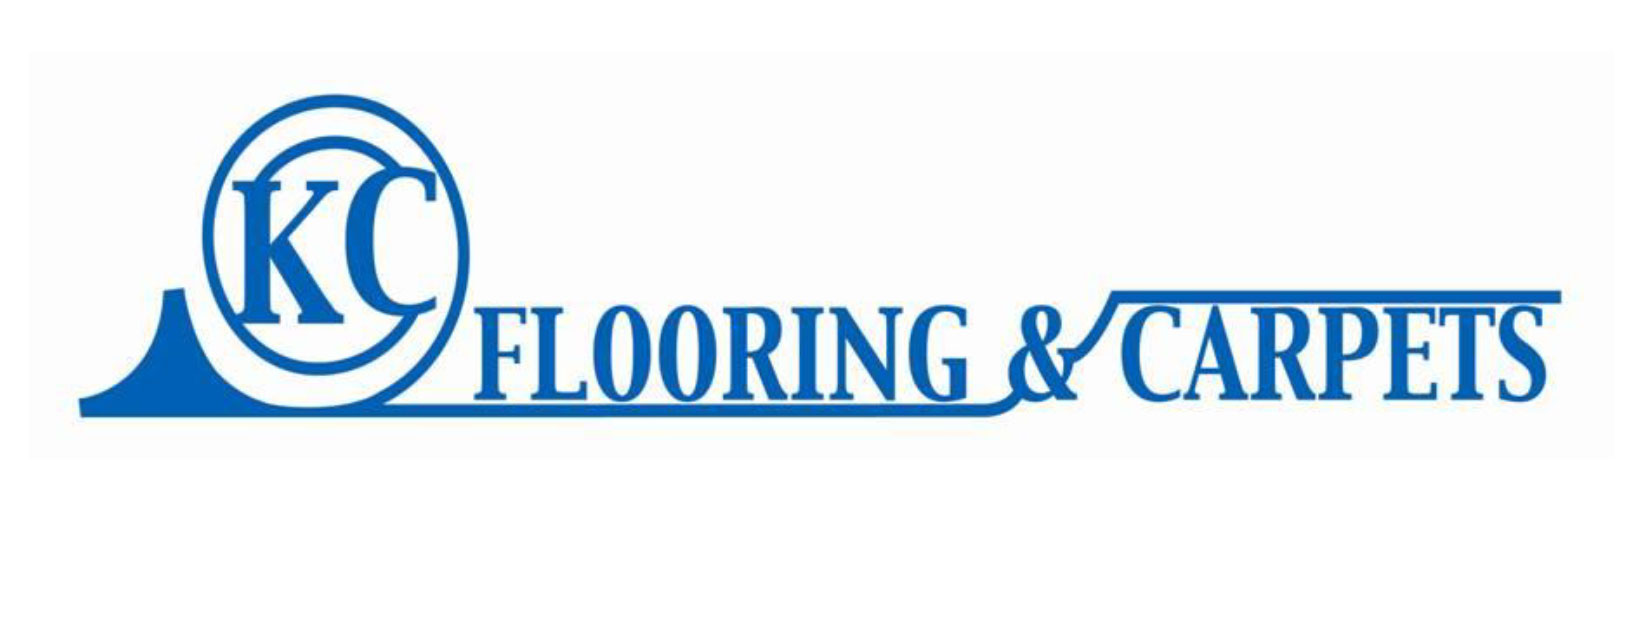 KC flooring